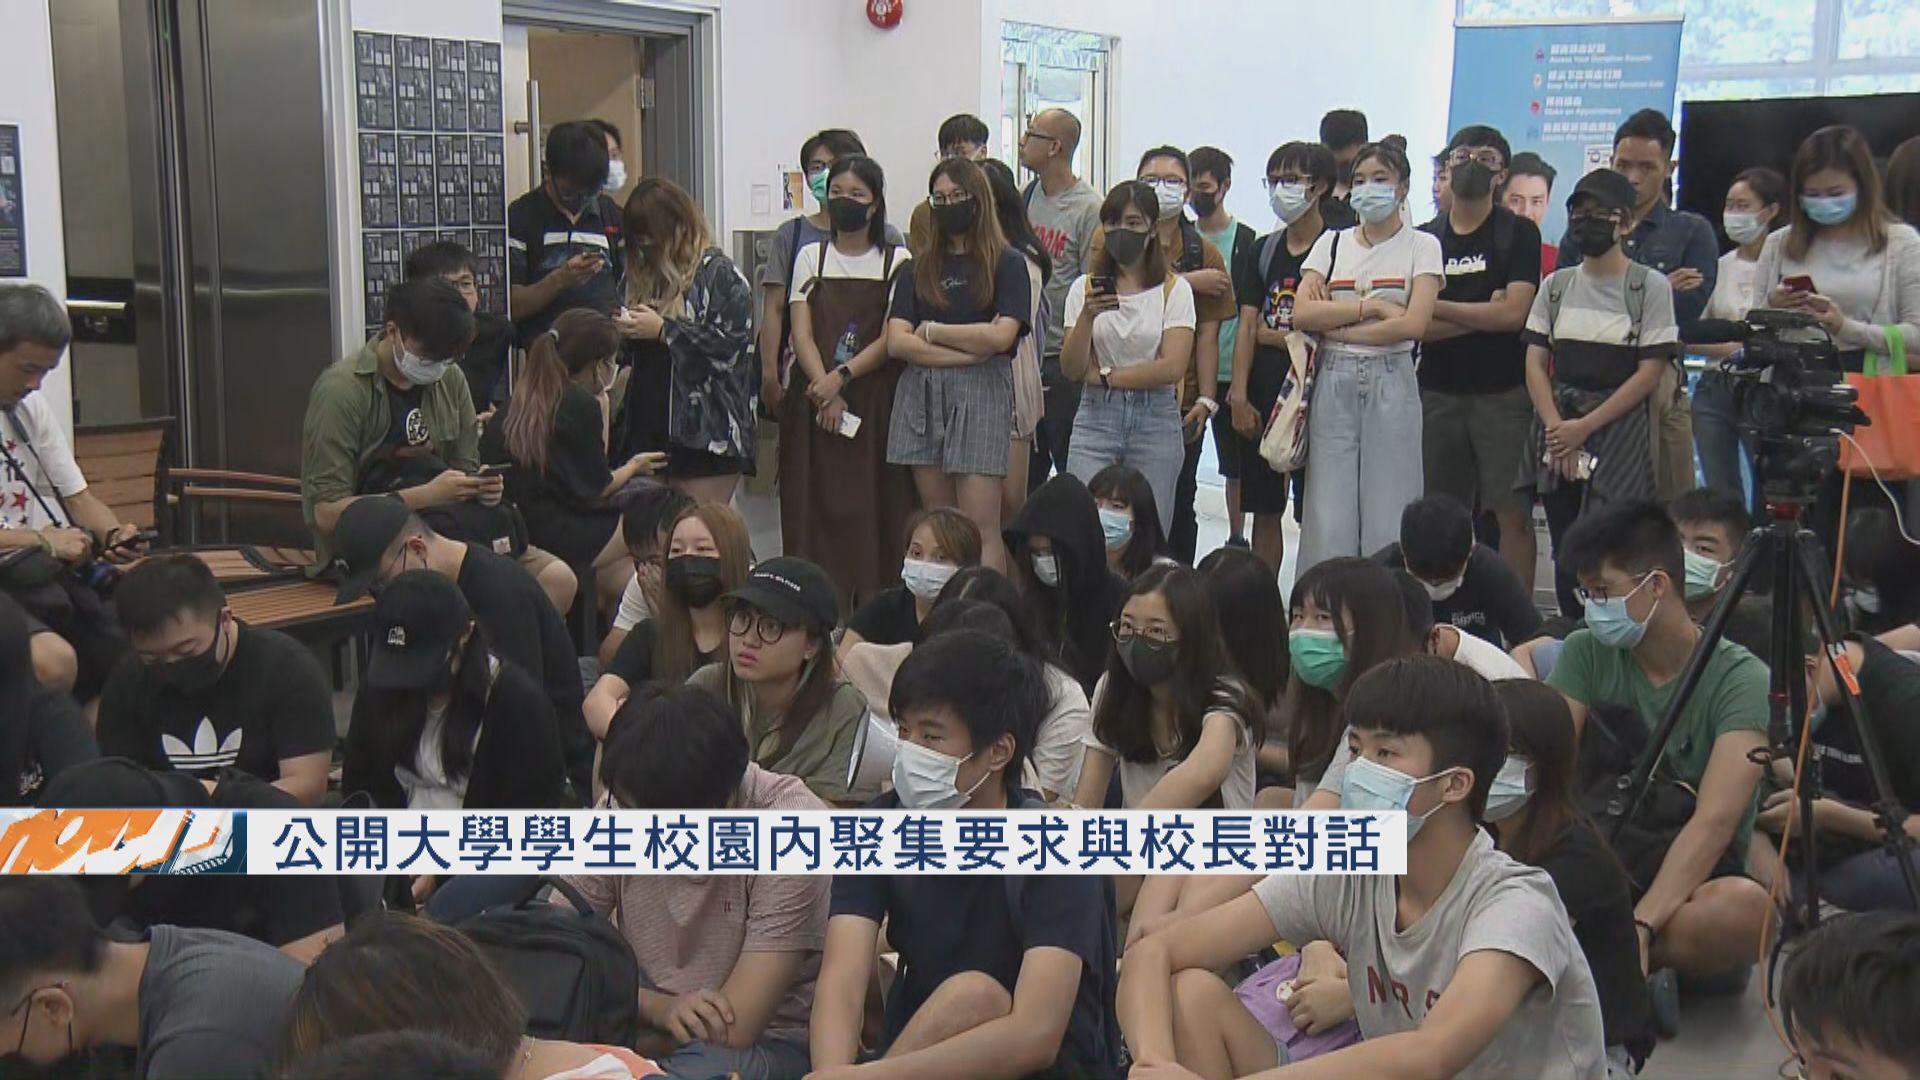 公大學生要求就警員入校搜學生身與校長對話